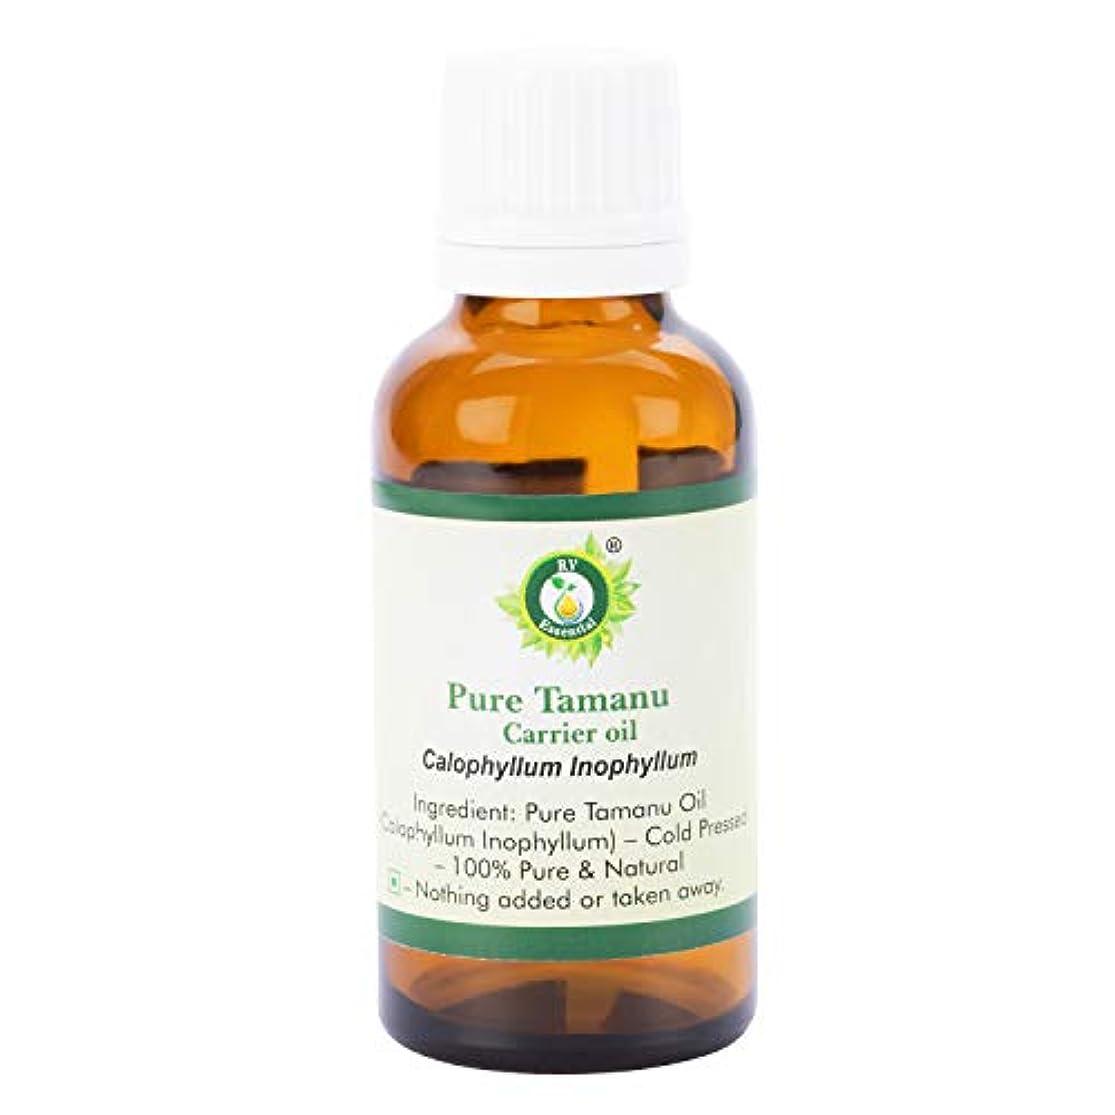 嫌い欠点理容師ピュアTamanuキャリアオイル30ml (1.01oz)- Calophyllum Inophyllum (100%ピュア&ナチュラルコールドPressed) Pure Tamanu Carrier Oil